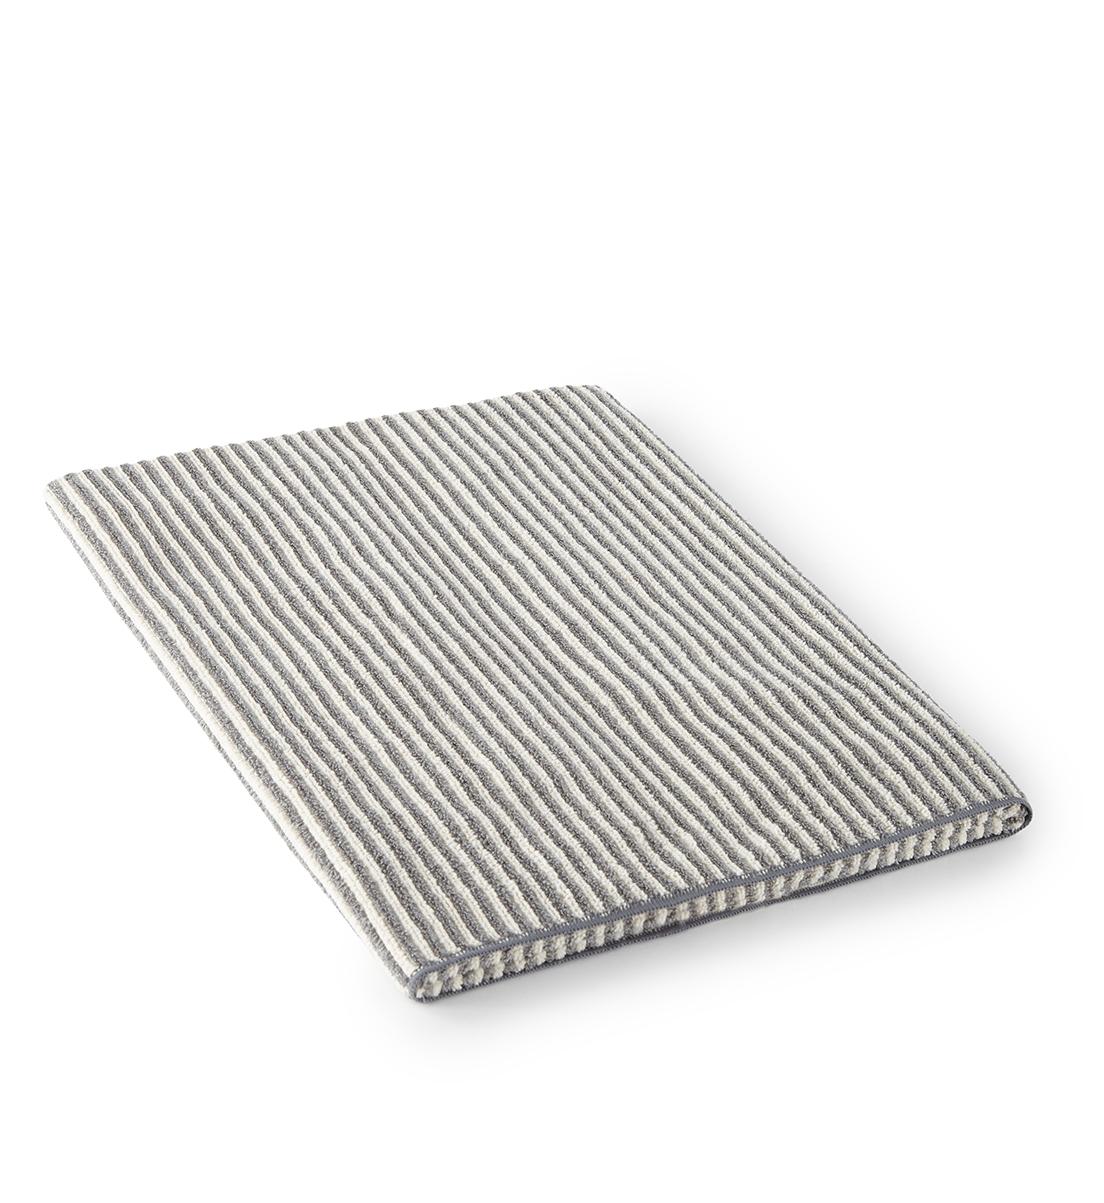 Bath Towel, striped graphite/vanilla